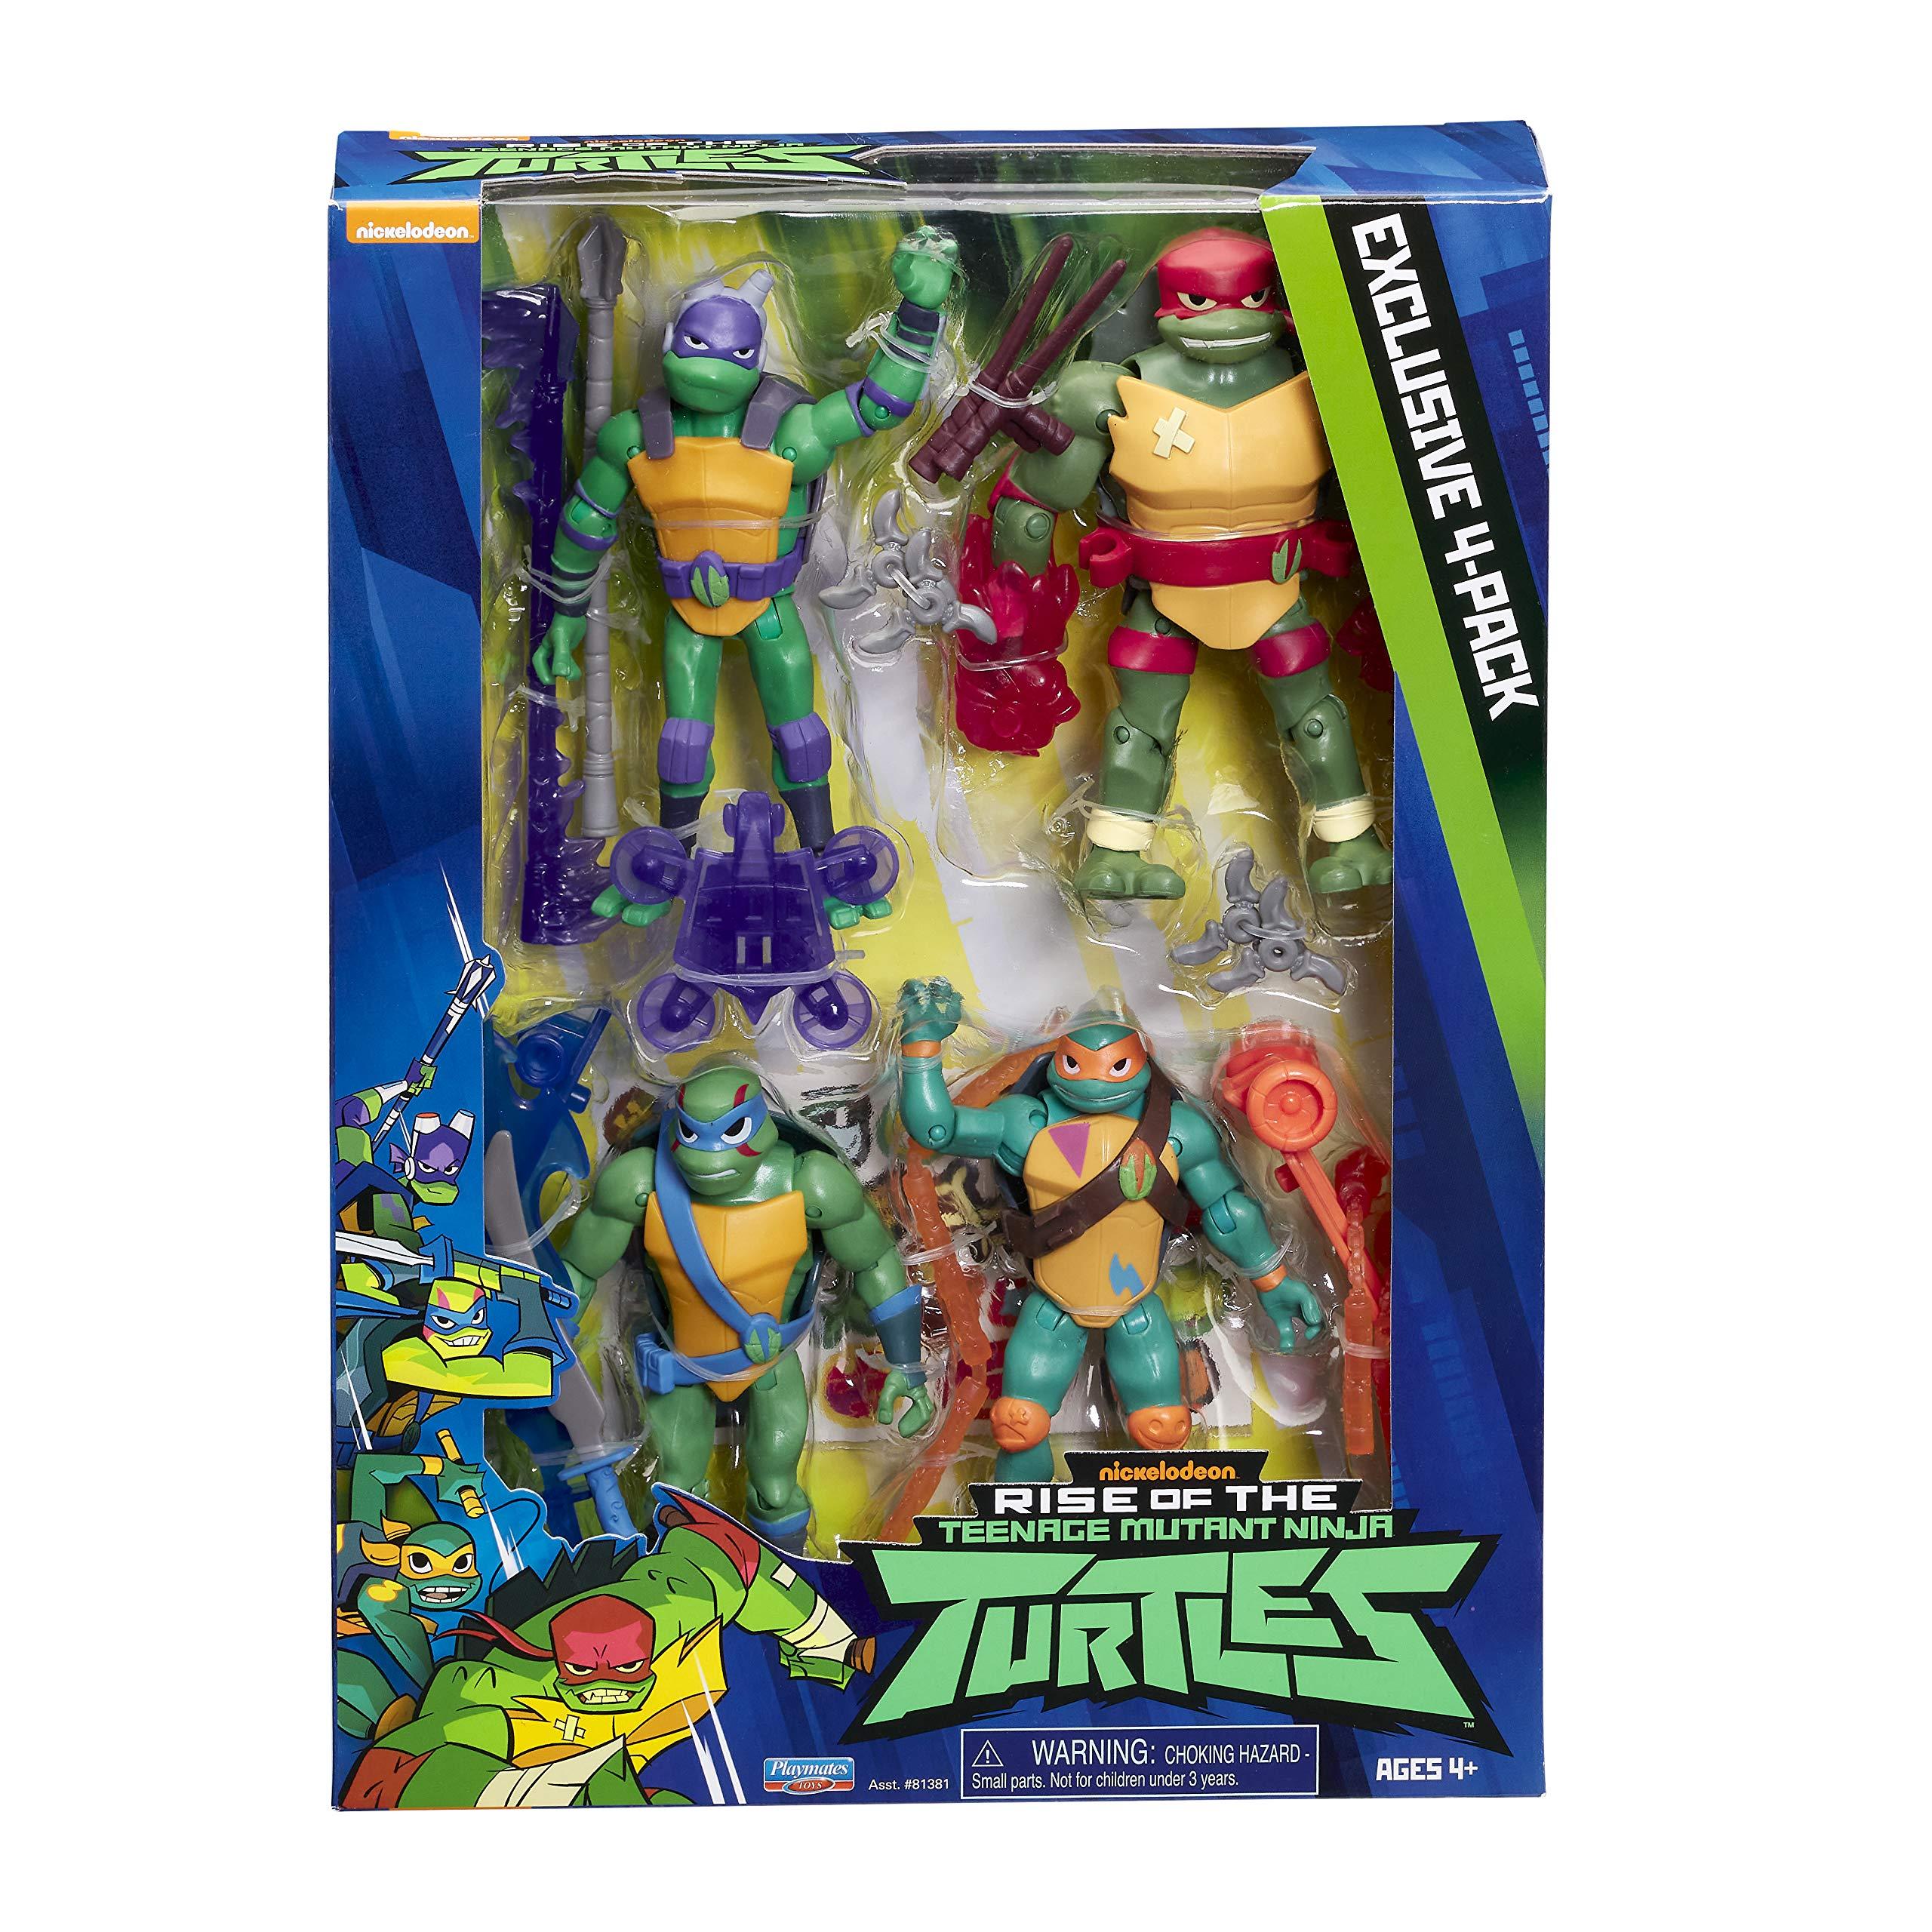 Teenage Mutant Ninja Turtles TU201000 The Rise of The Teenage Mutant Ninja 4 Pack of Brothers